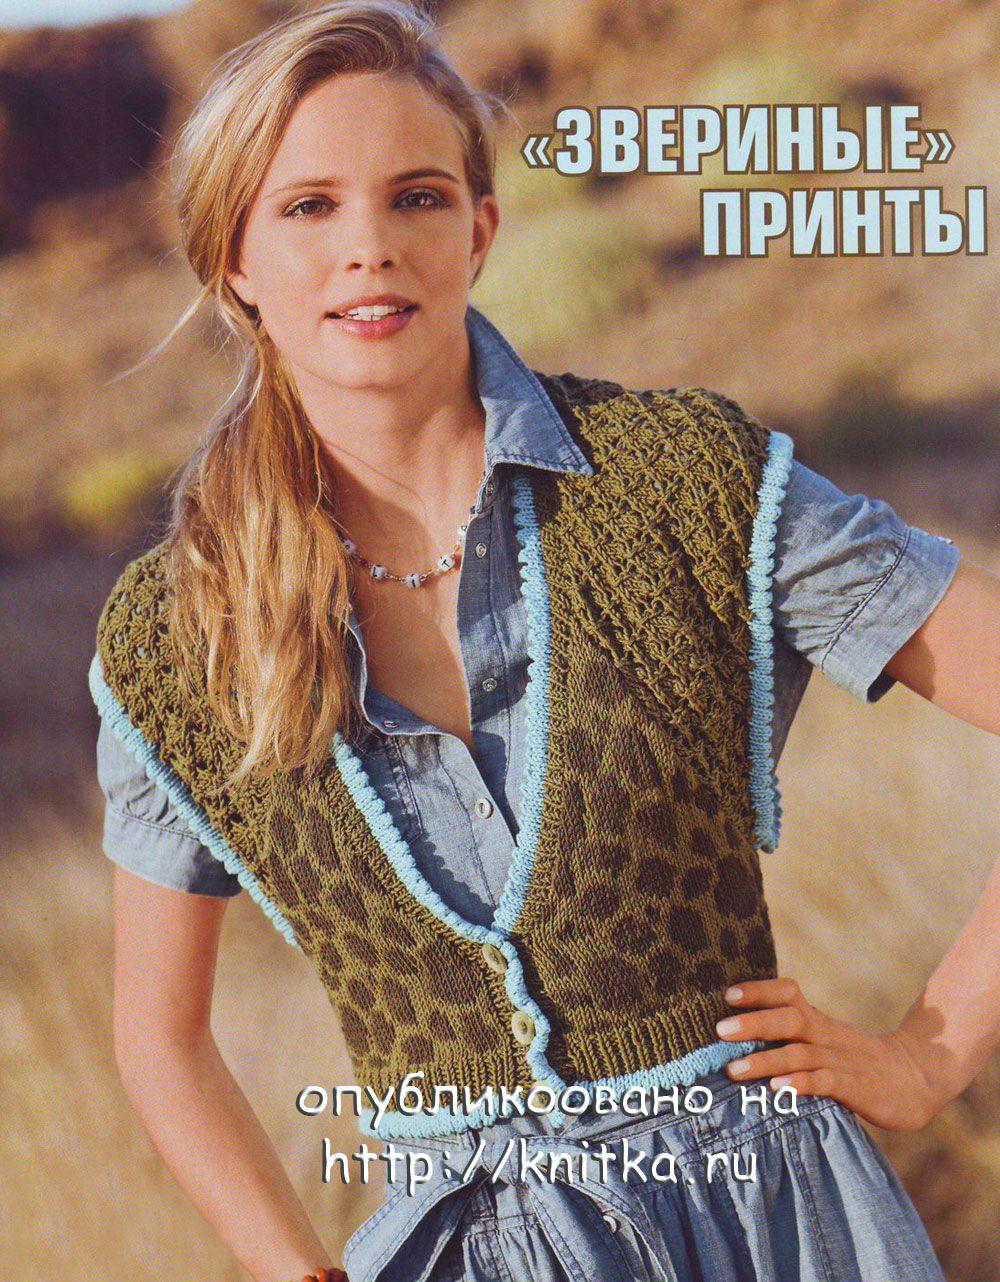 вязание спицами, вязание спицами для начинающих, модели для вязания спицами, уроки по вязанию спицами...